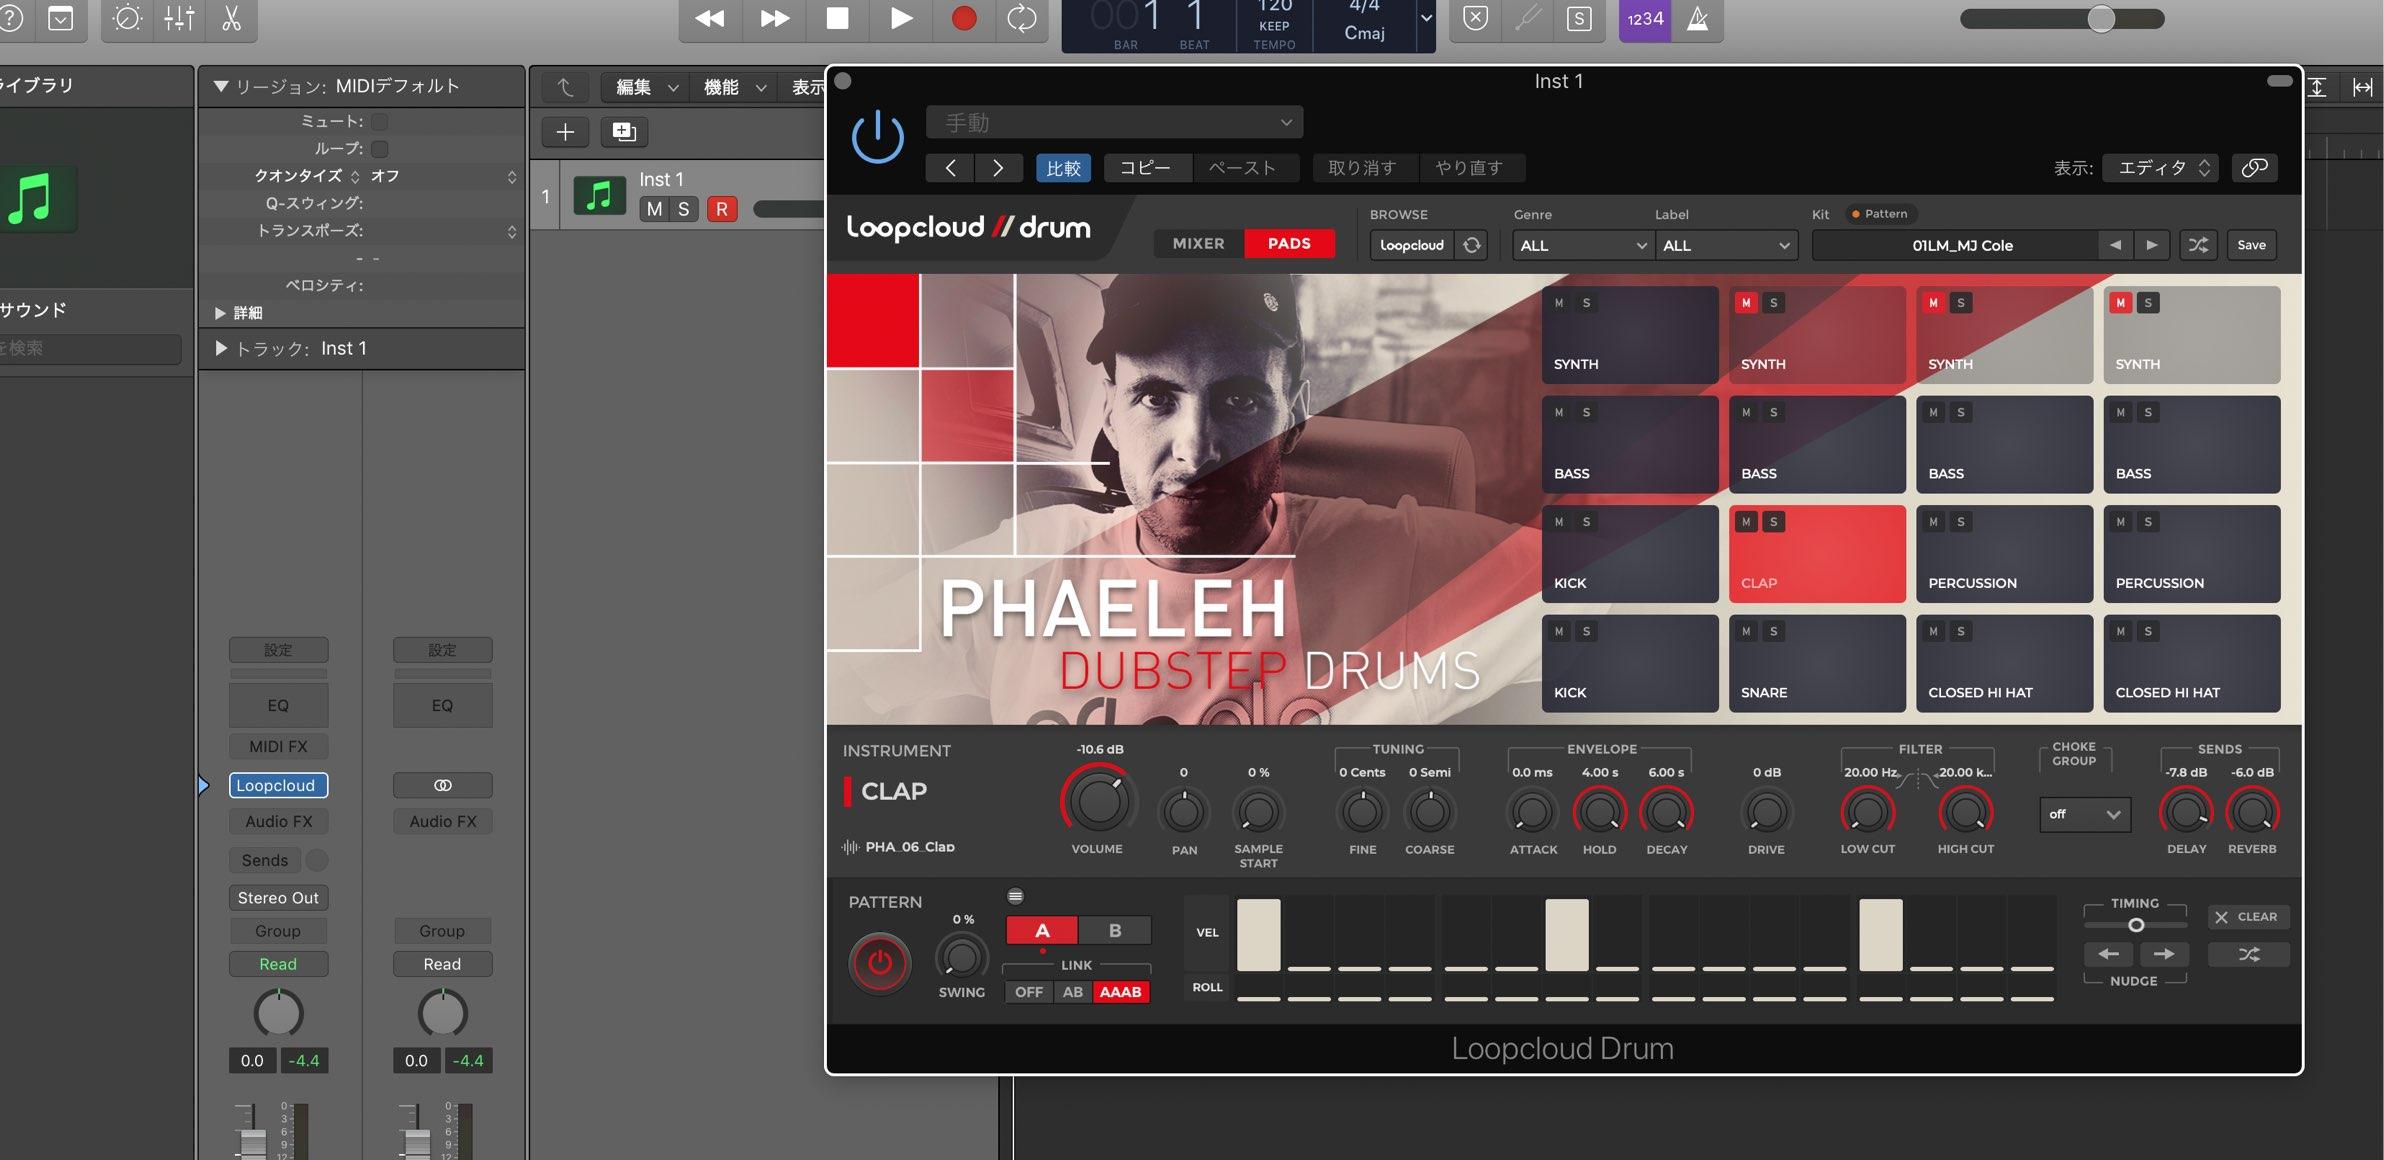 Logic Pro X Drum